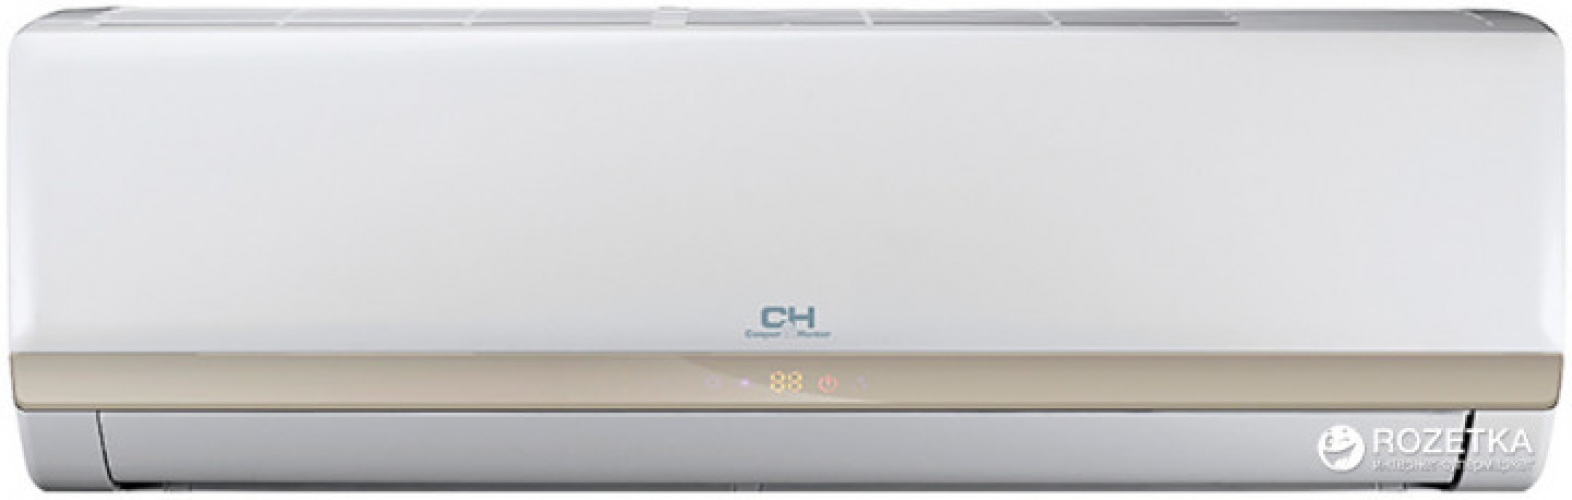 Кондиционер COOPER&HUNTER CH-S12XP7